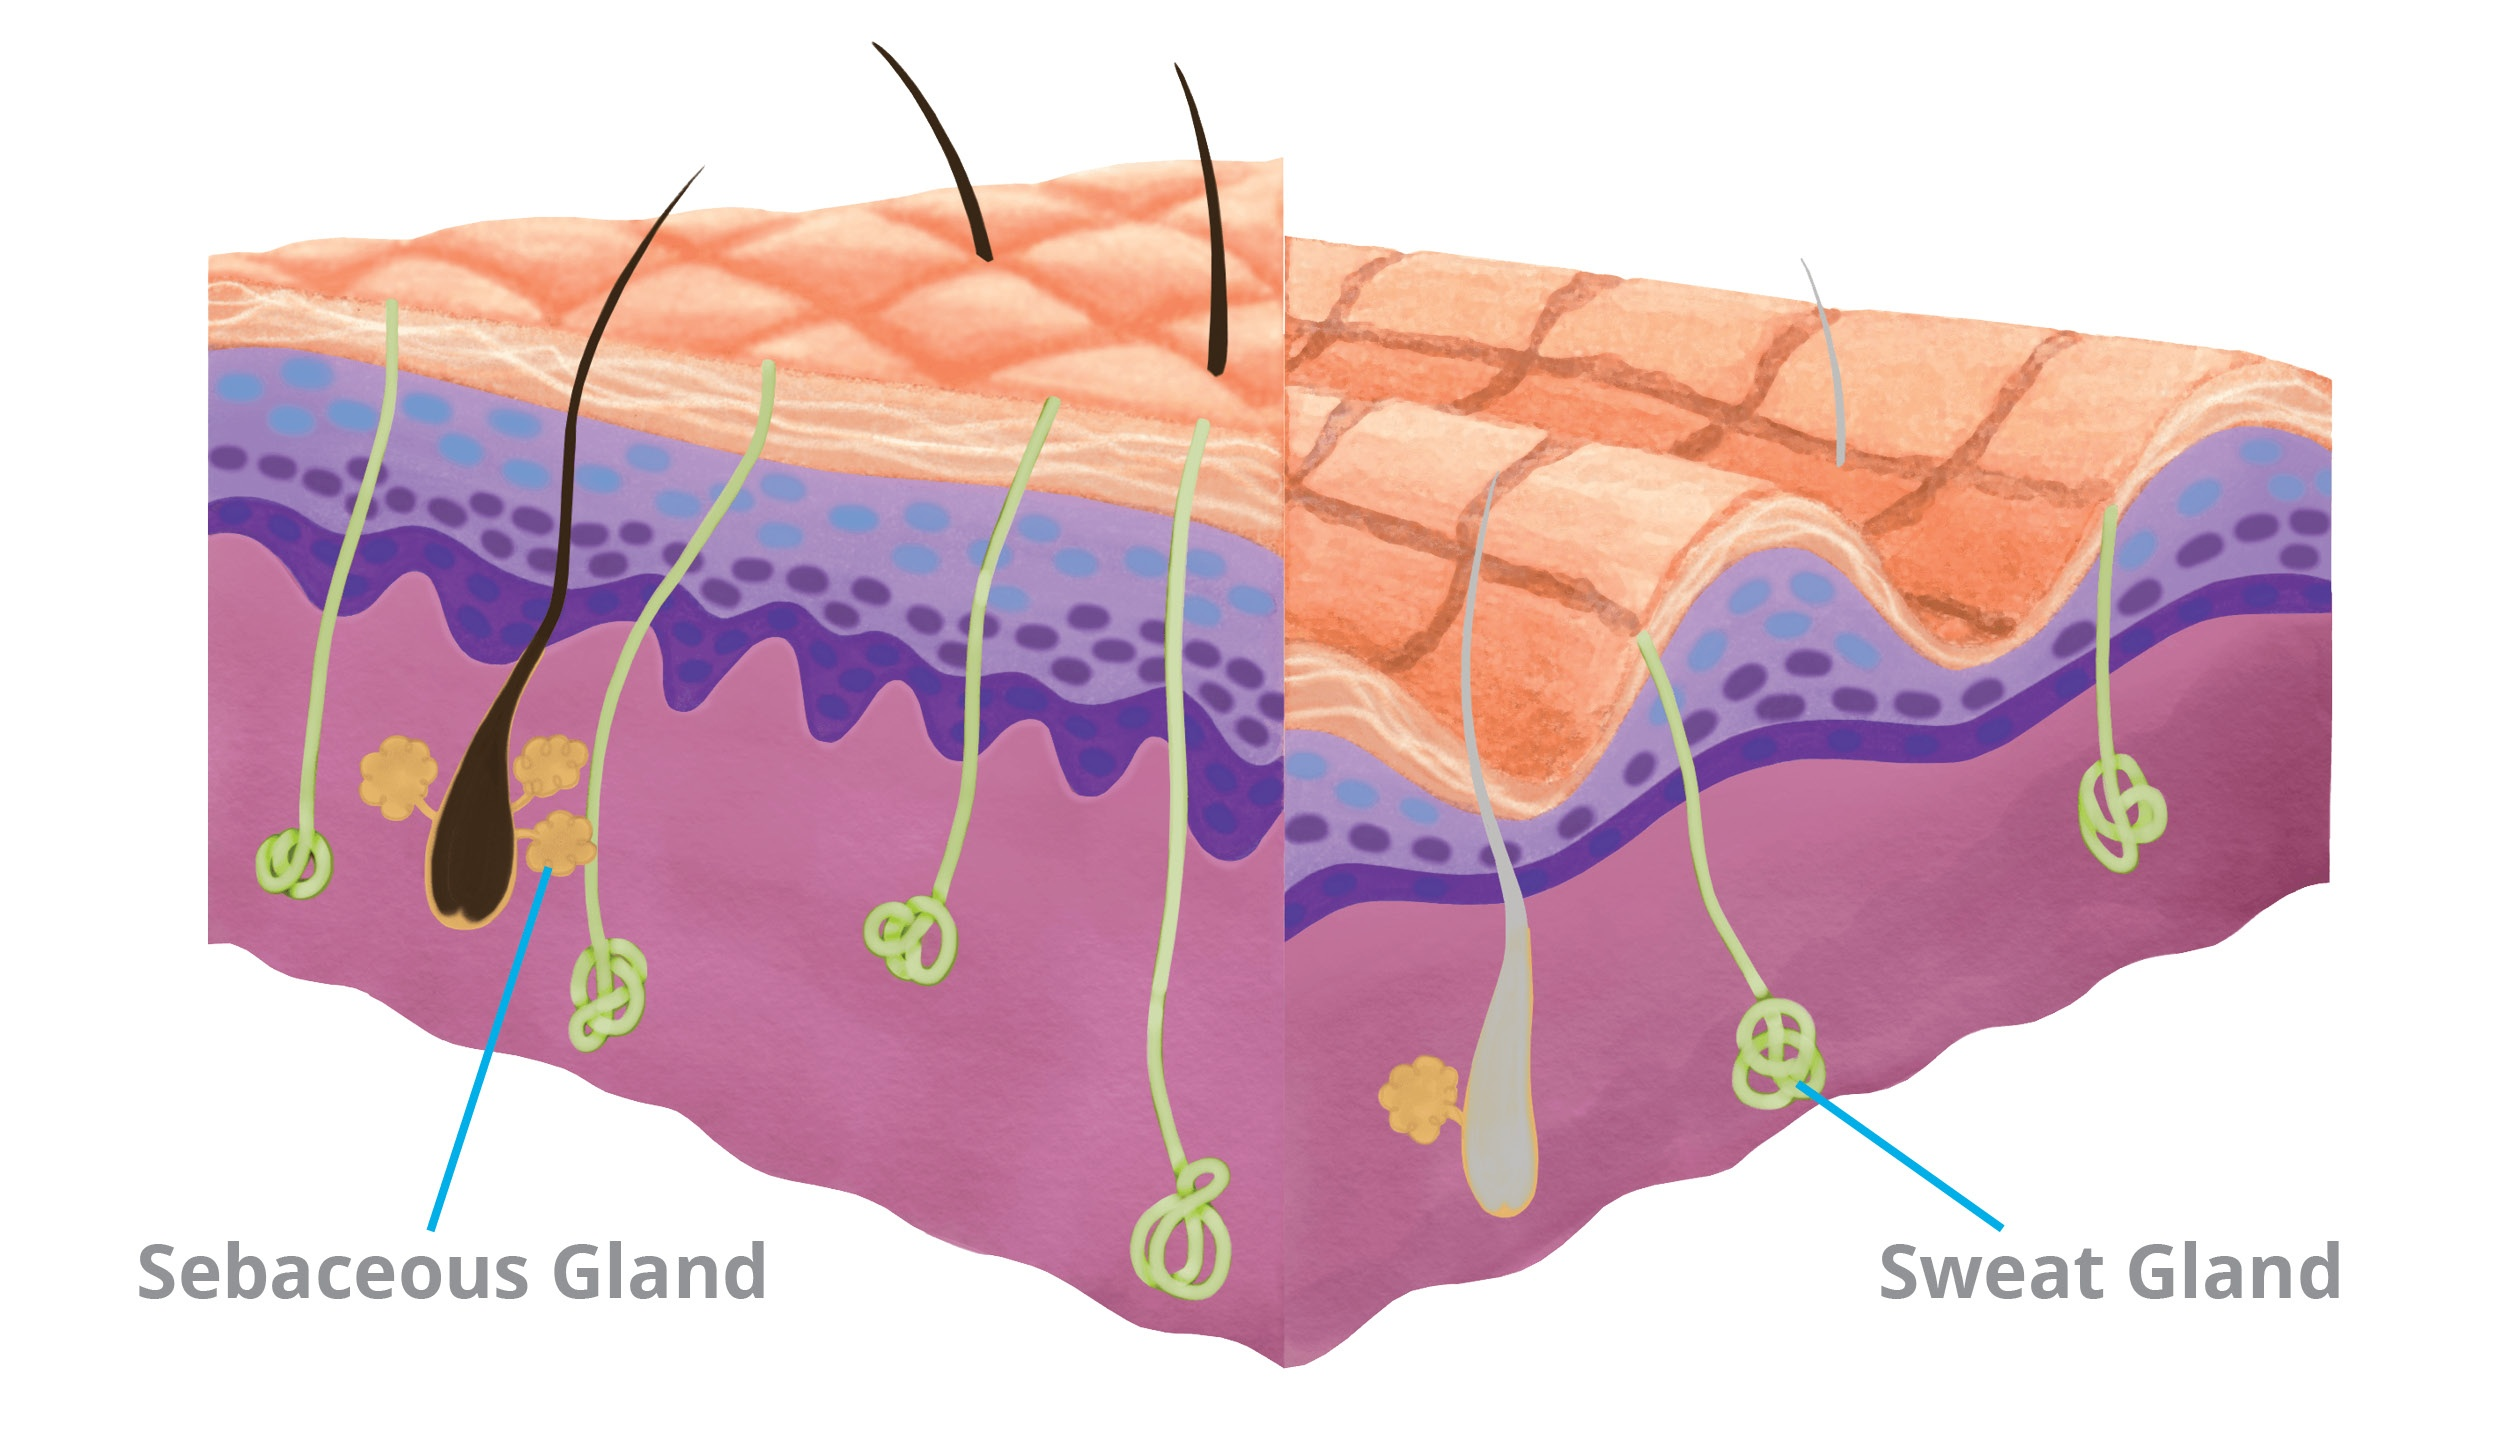 Sebaceous_Glands_wound_development_risk_factors